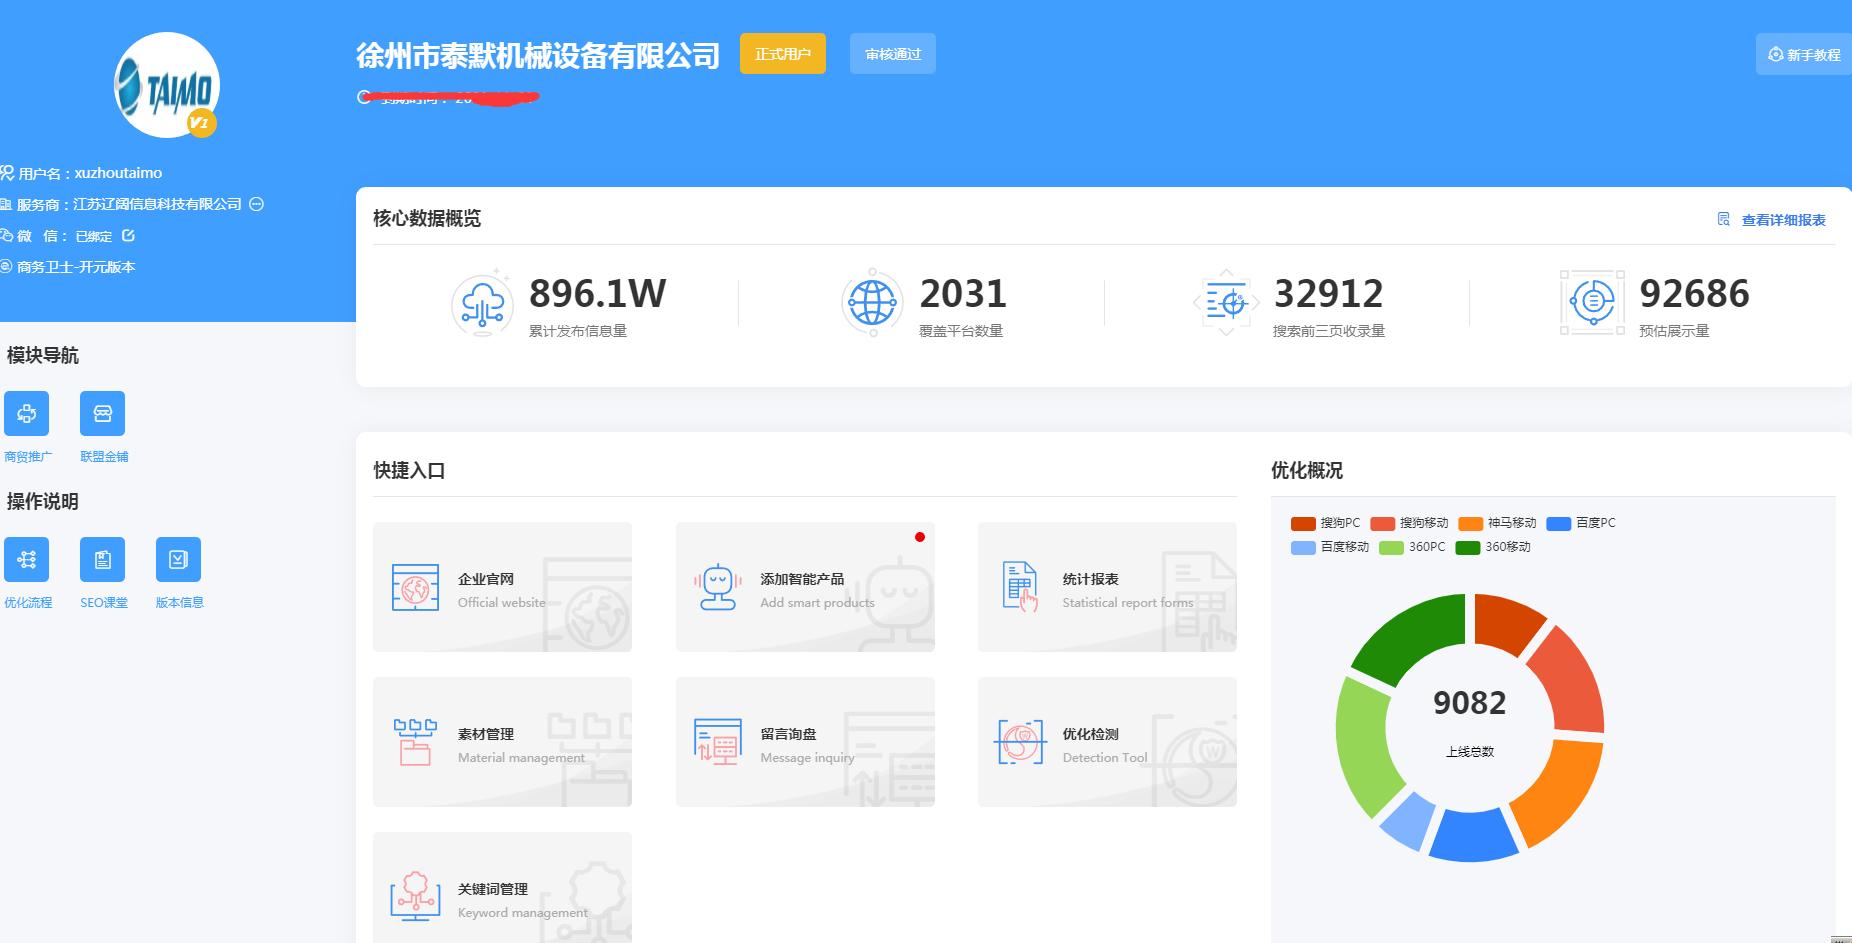 徐州網絡公司